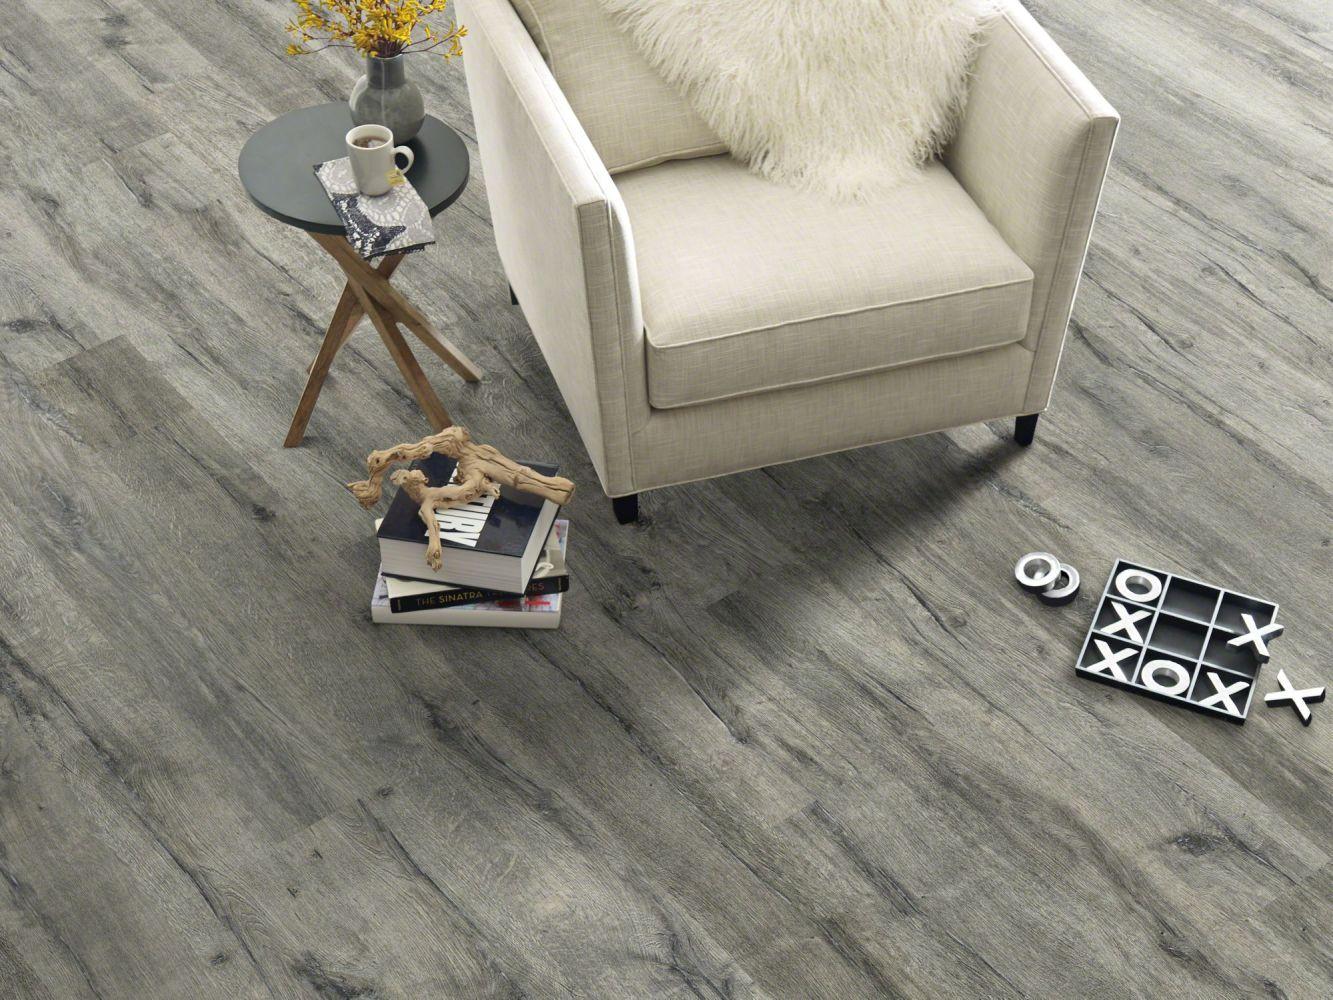 Shaw Floors Vinyl Residential Alto HD Plus Alassio 00573_2731V